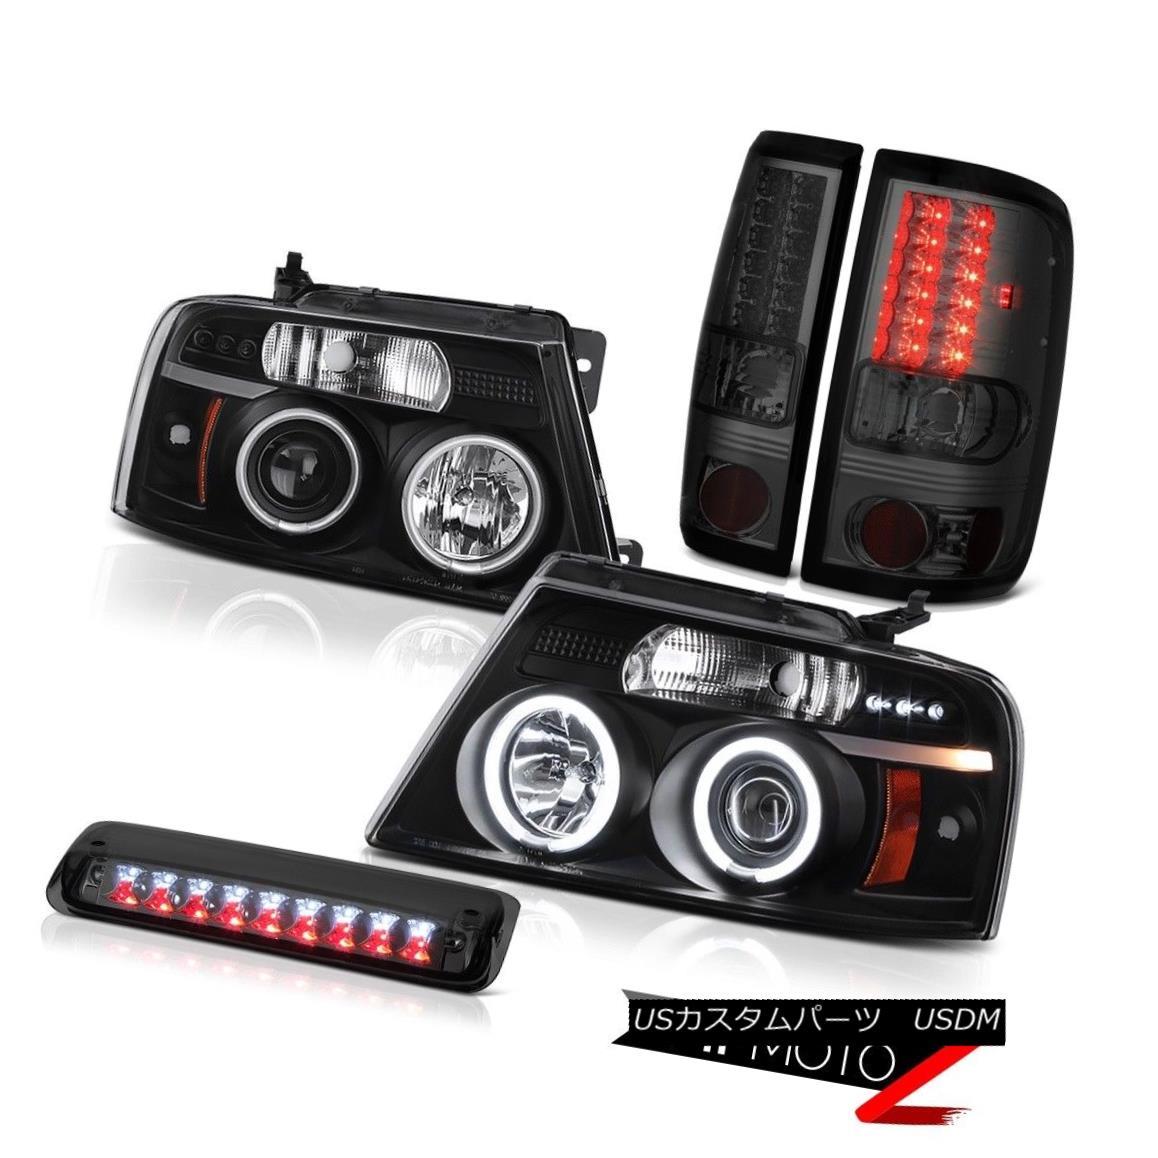 テールライト 04-08 Ford F150 Lariat Smokey High Stop Lamp Headlights Tail Lights CCFL Halo 04-08 Ford F150 Lariat SmokeyハイストップランプヘッドライトテールライトCCFL Halo